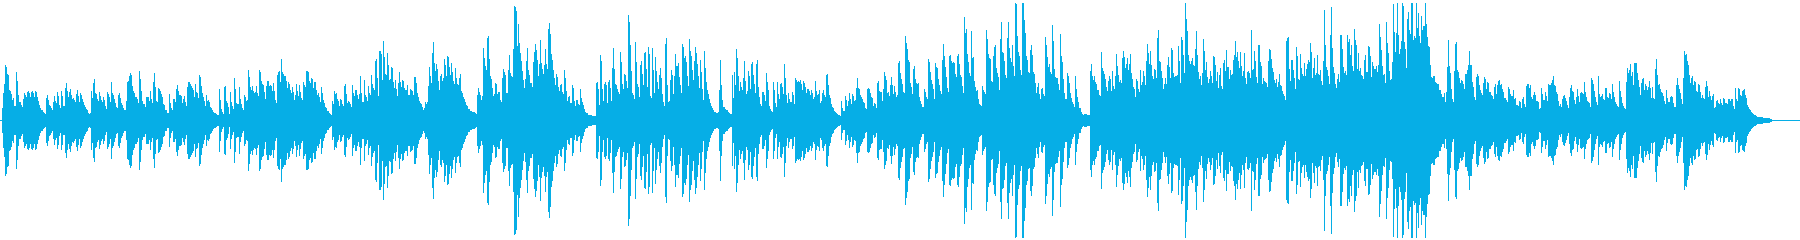 沈黙の冬夜をイメージした生演奏BGMの再生済みの波形